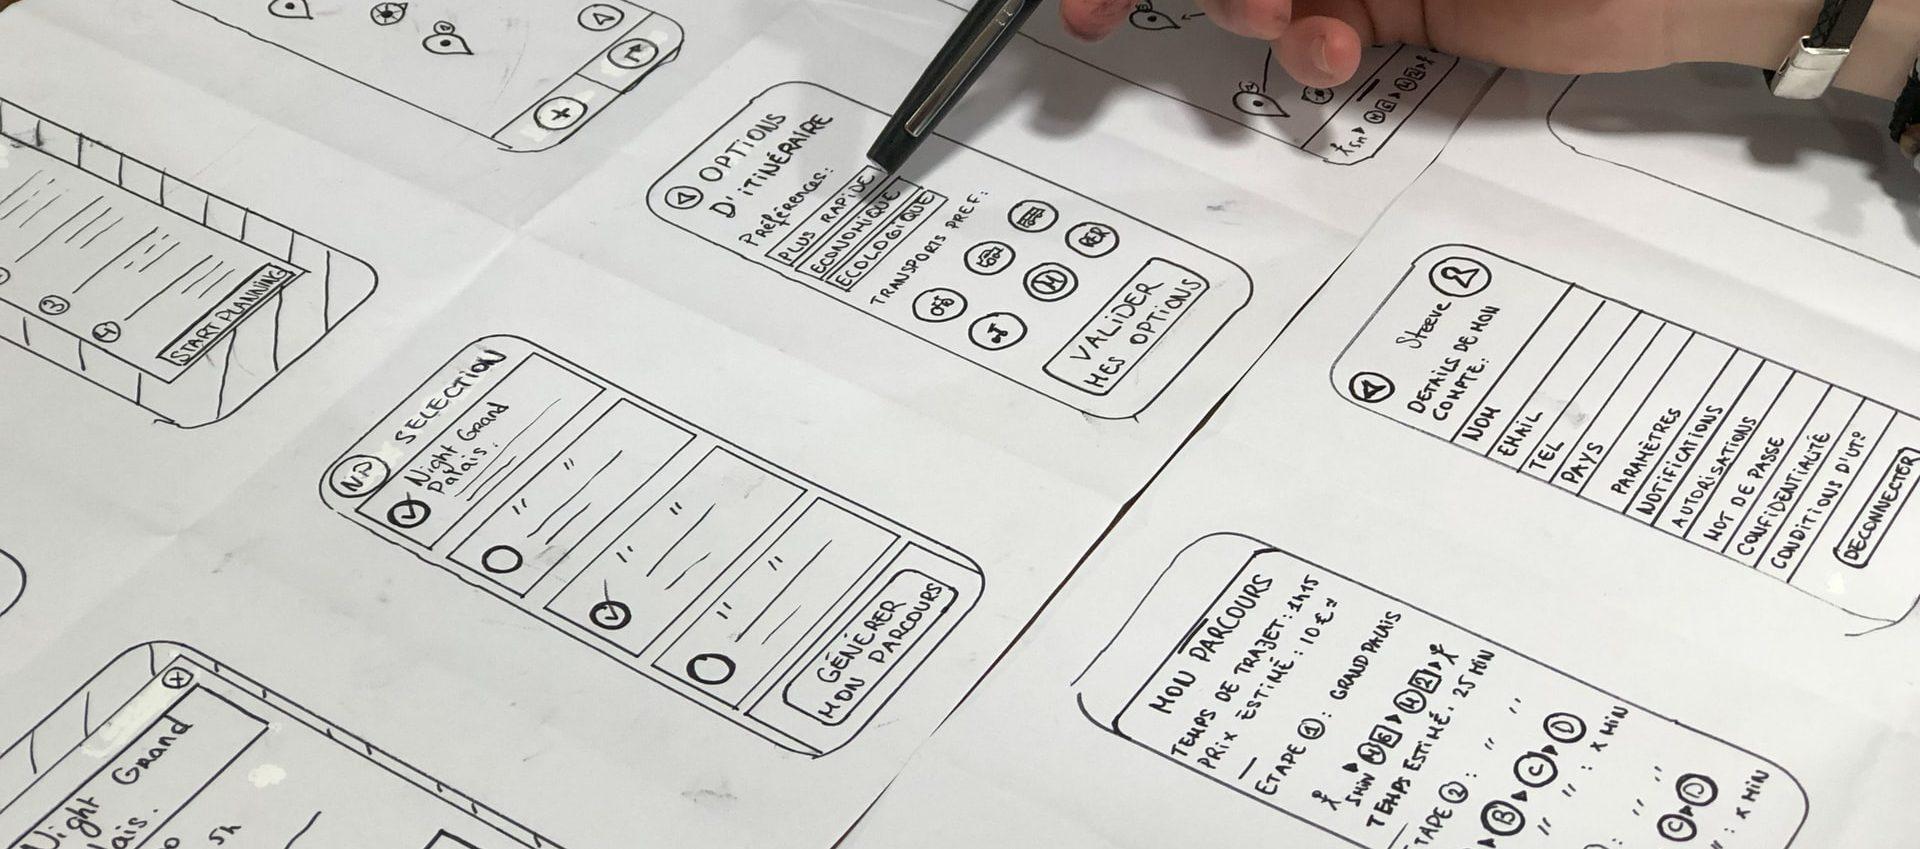 Prototypage UX sous forme de wireframes et sketching, lors de la conception par l'agence UX lilloise Farouk Nasri